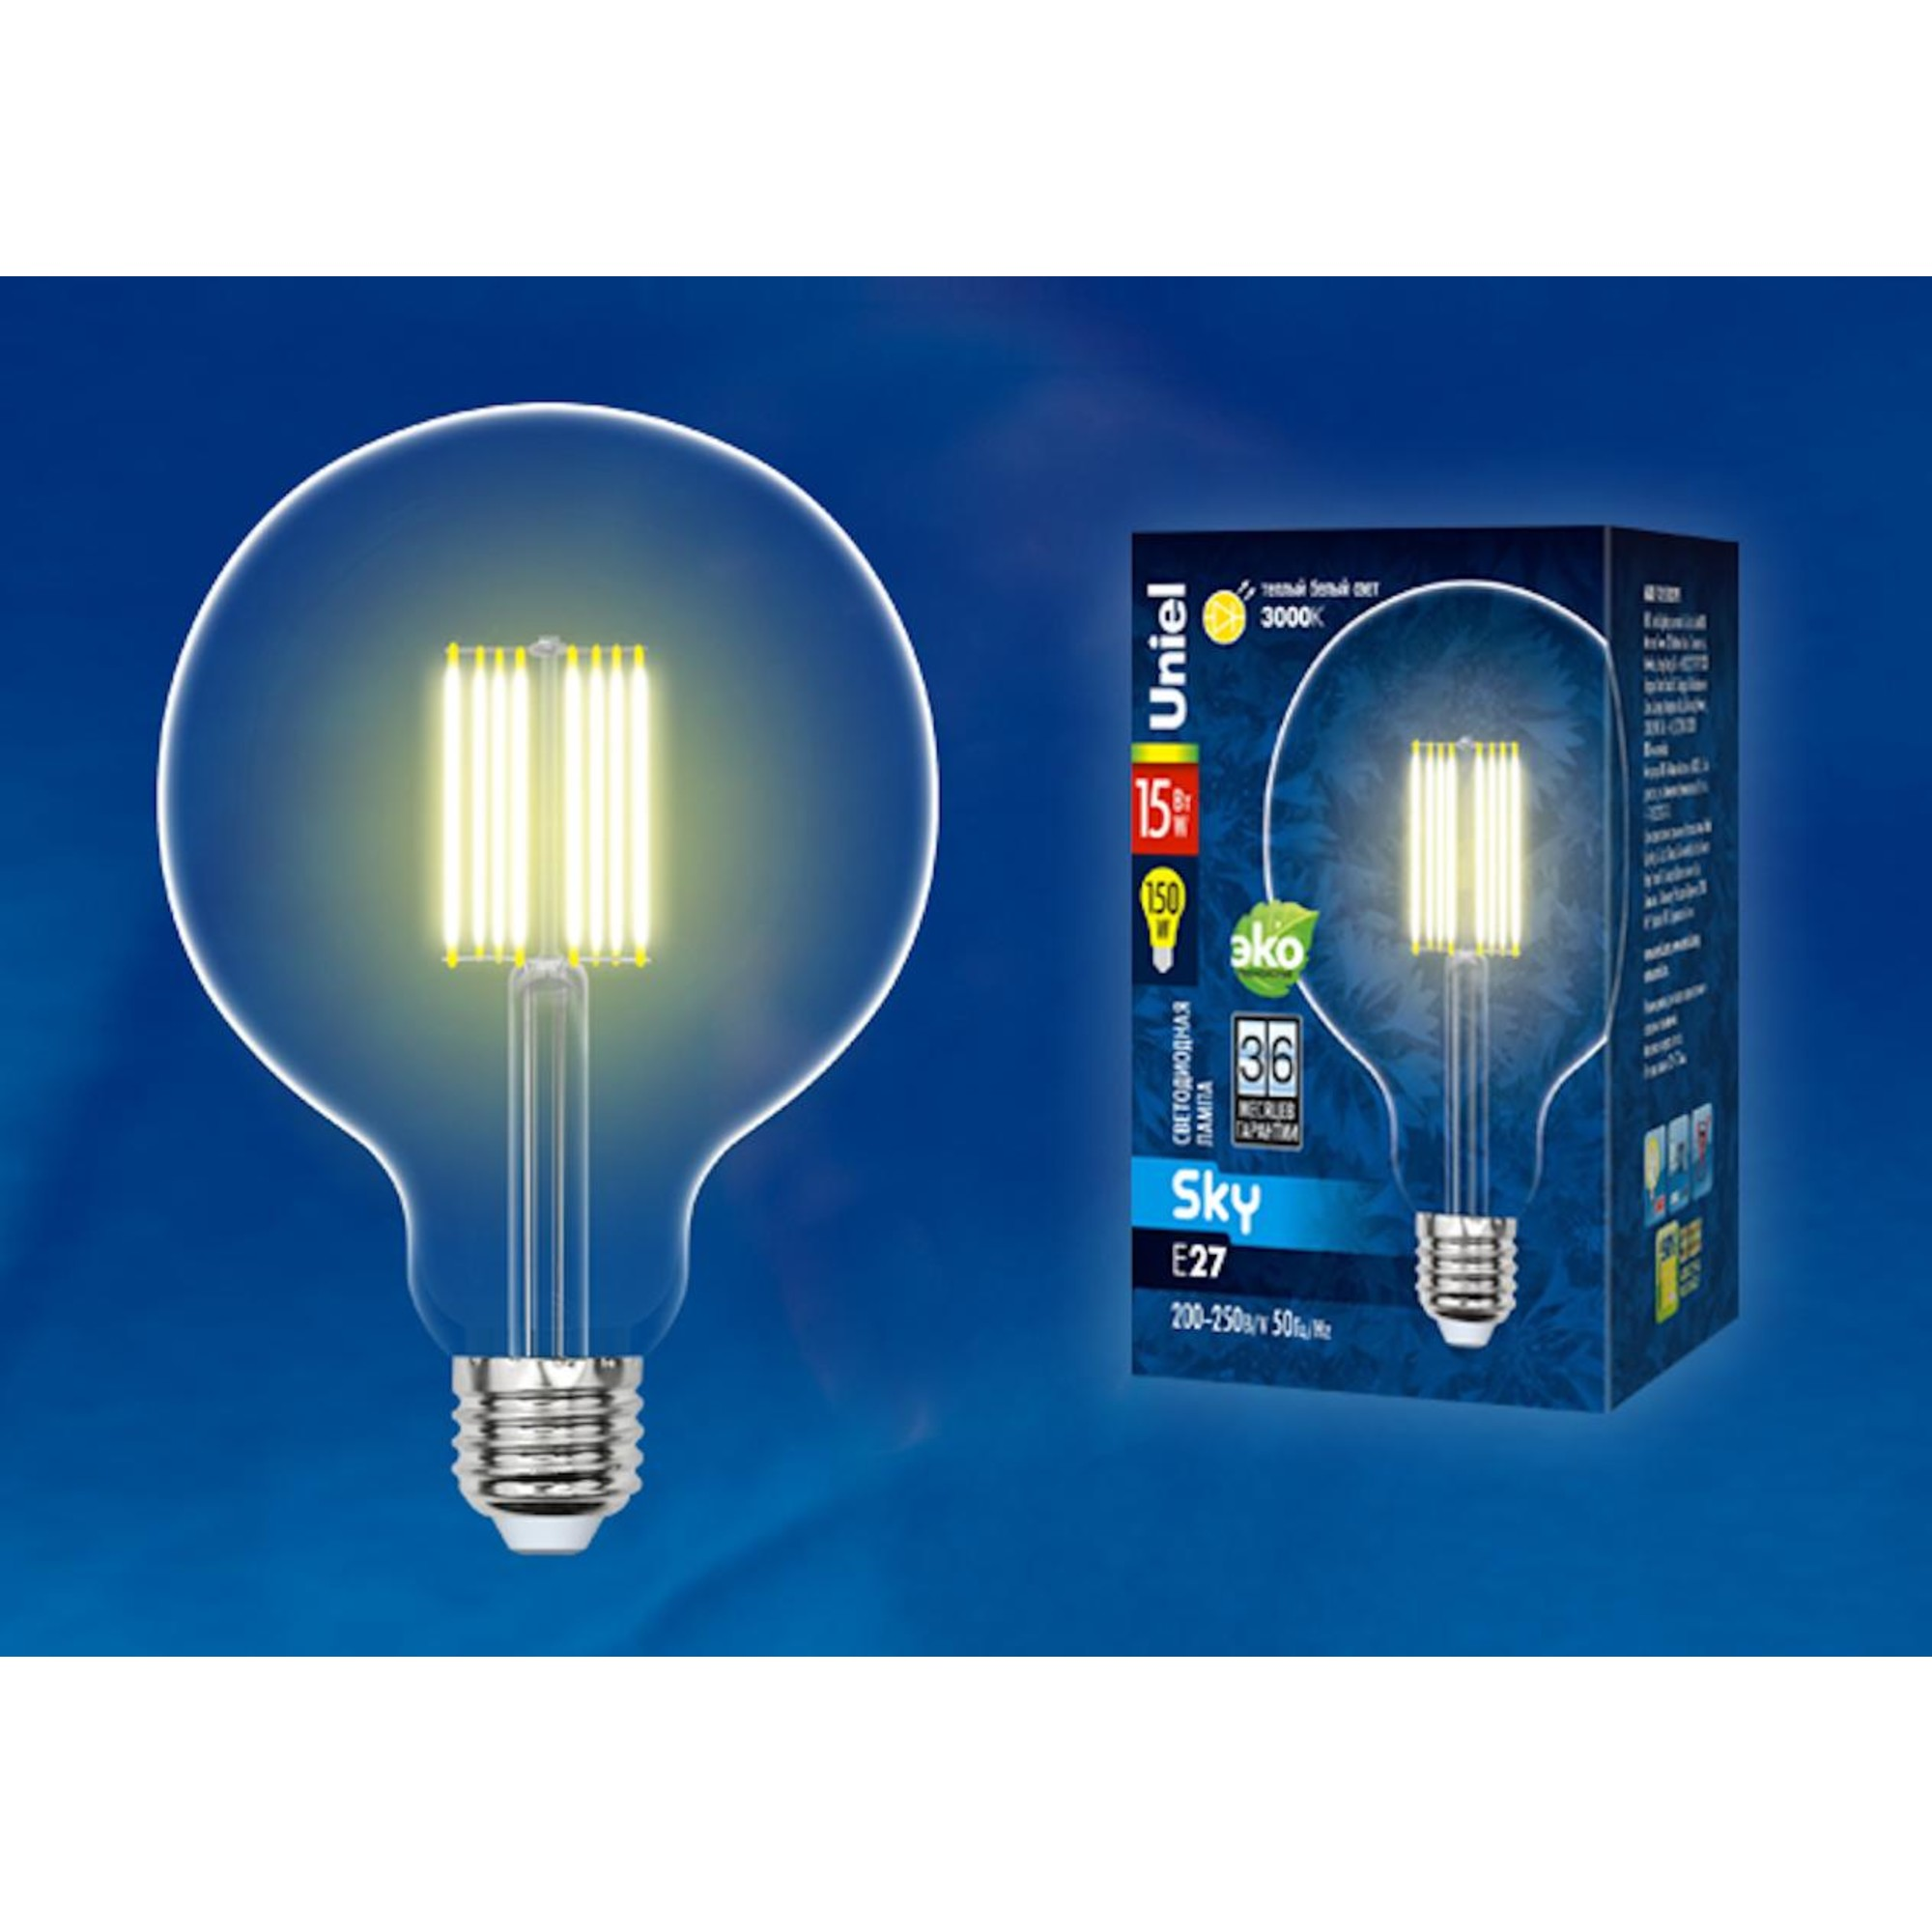 Светодиодная лампочка Uniel UL-00004860 E27 1500 Лм 15 Вт